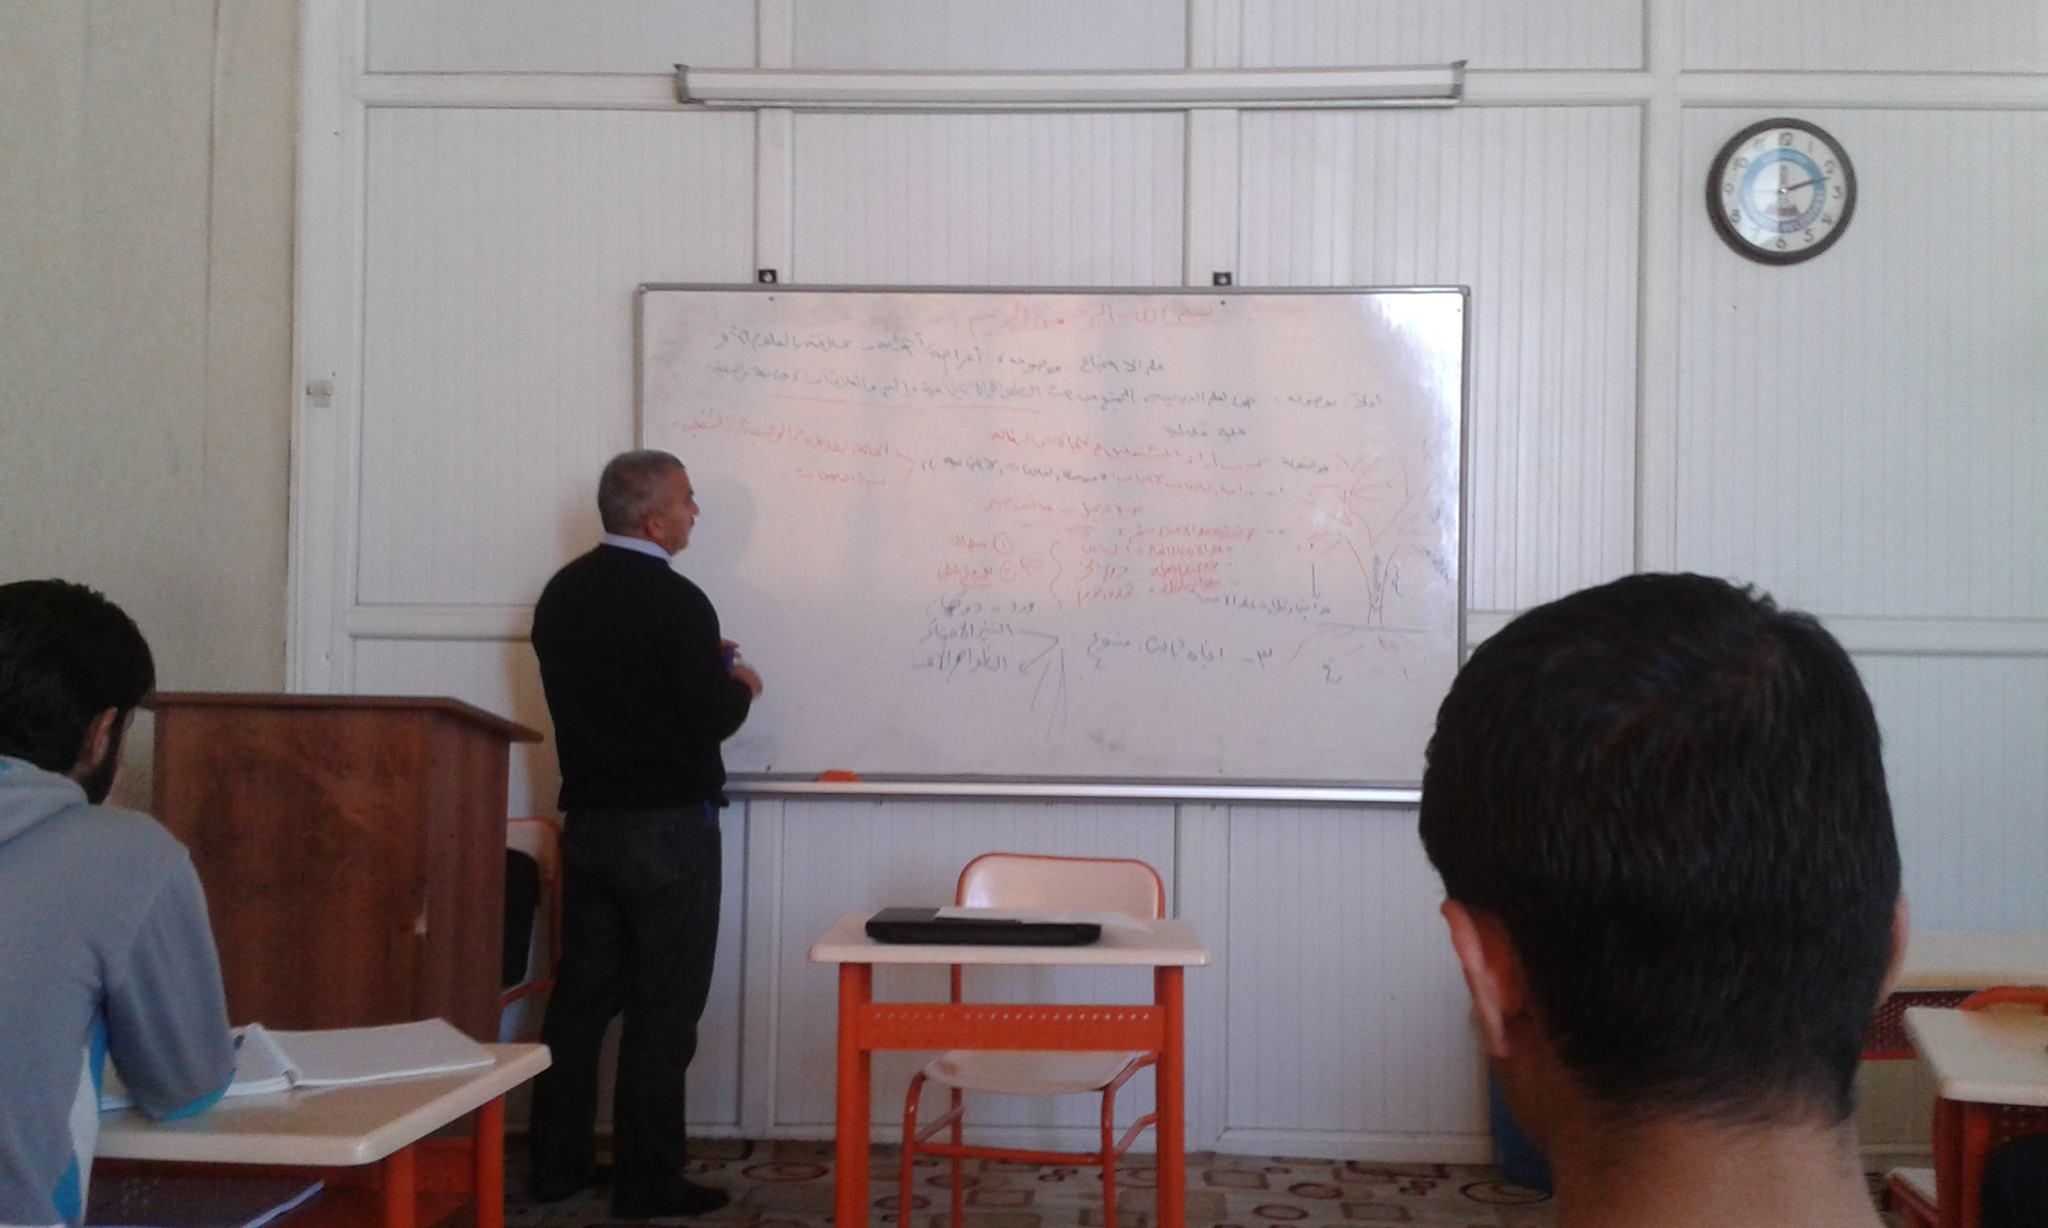 تشهد الكليات النظرية في الجامعات السورية الخاصة بتركيا إقبالاً جيداً